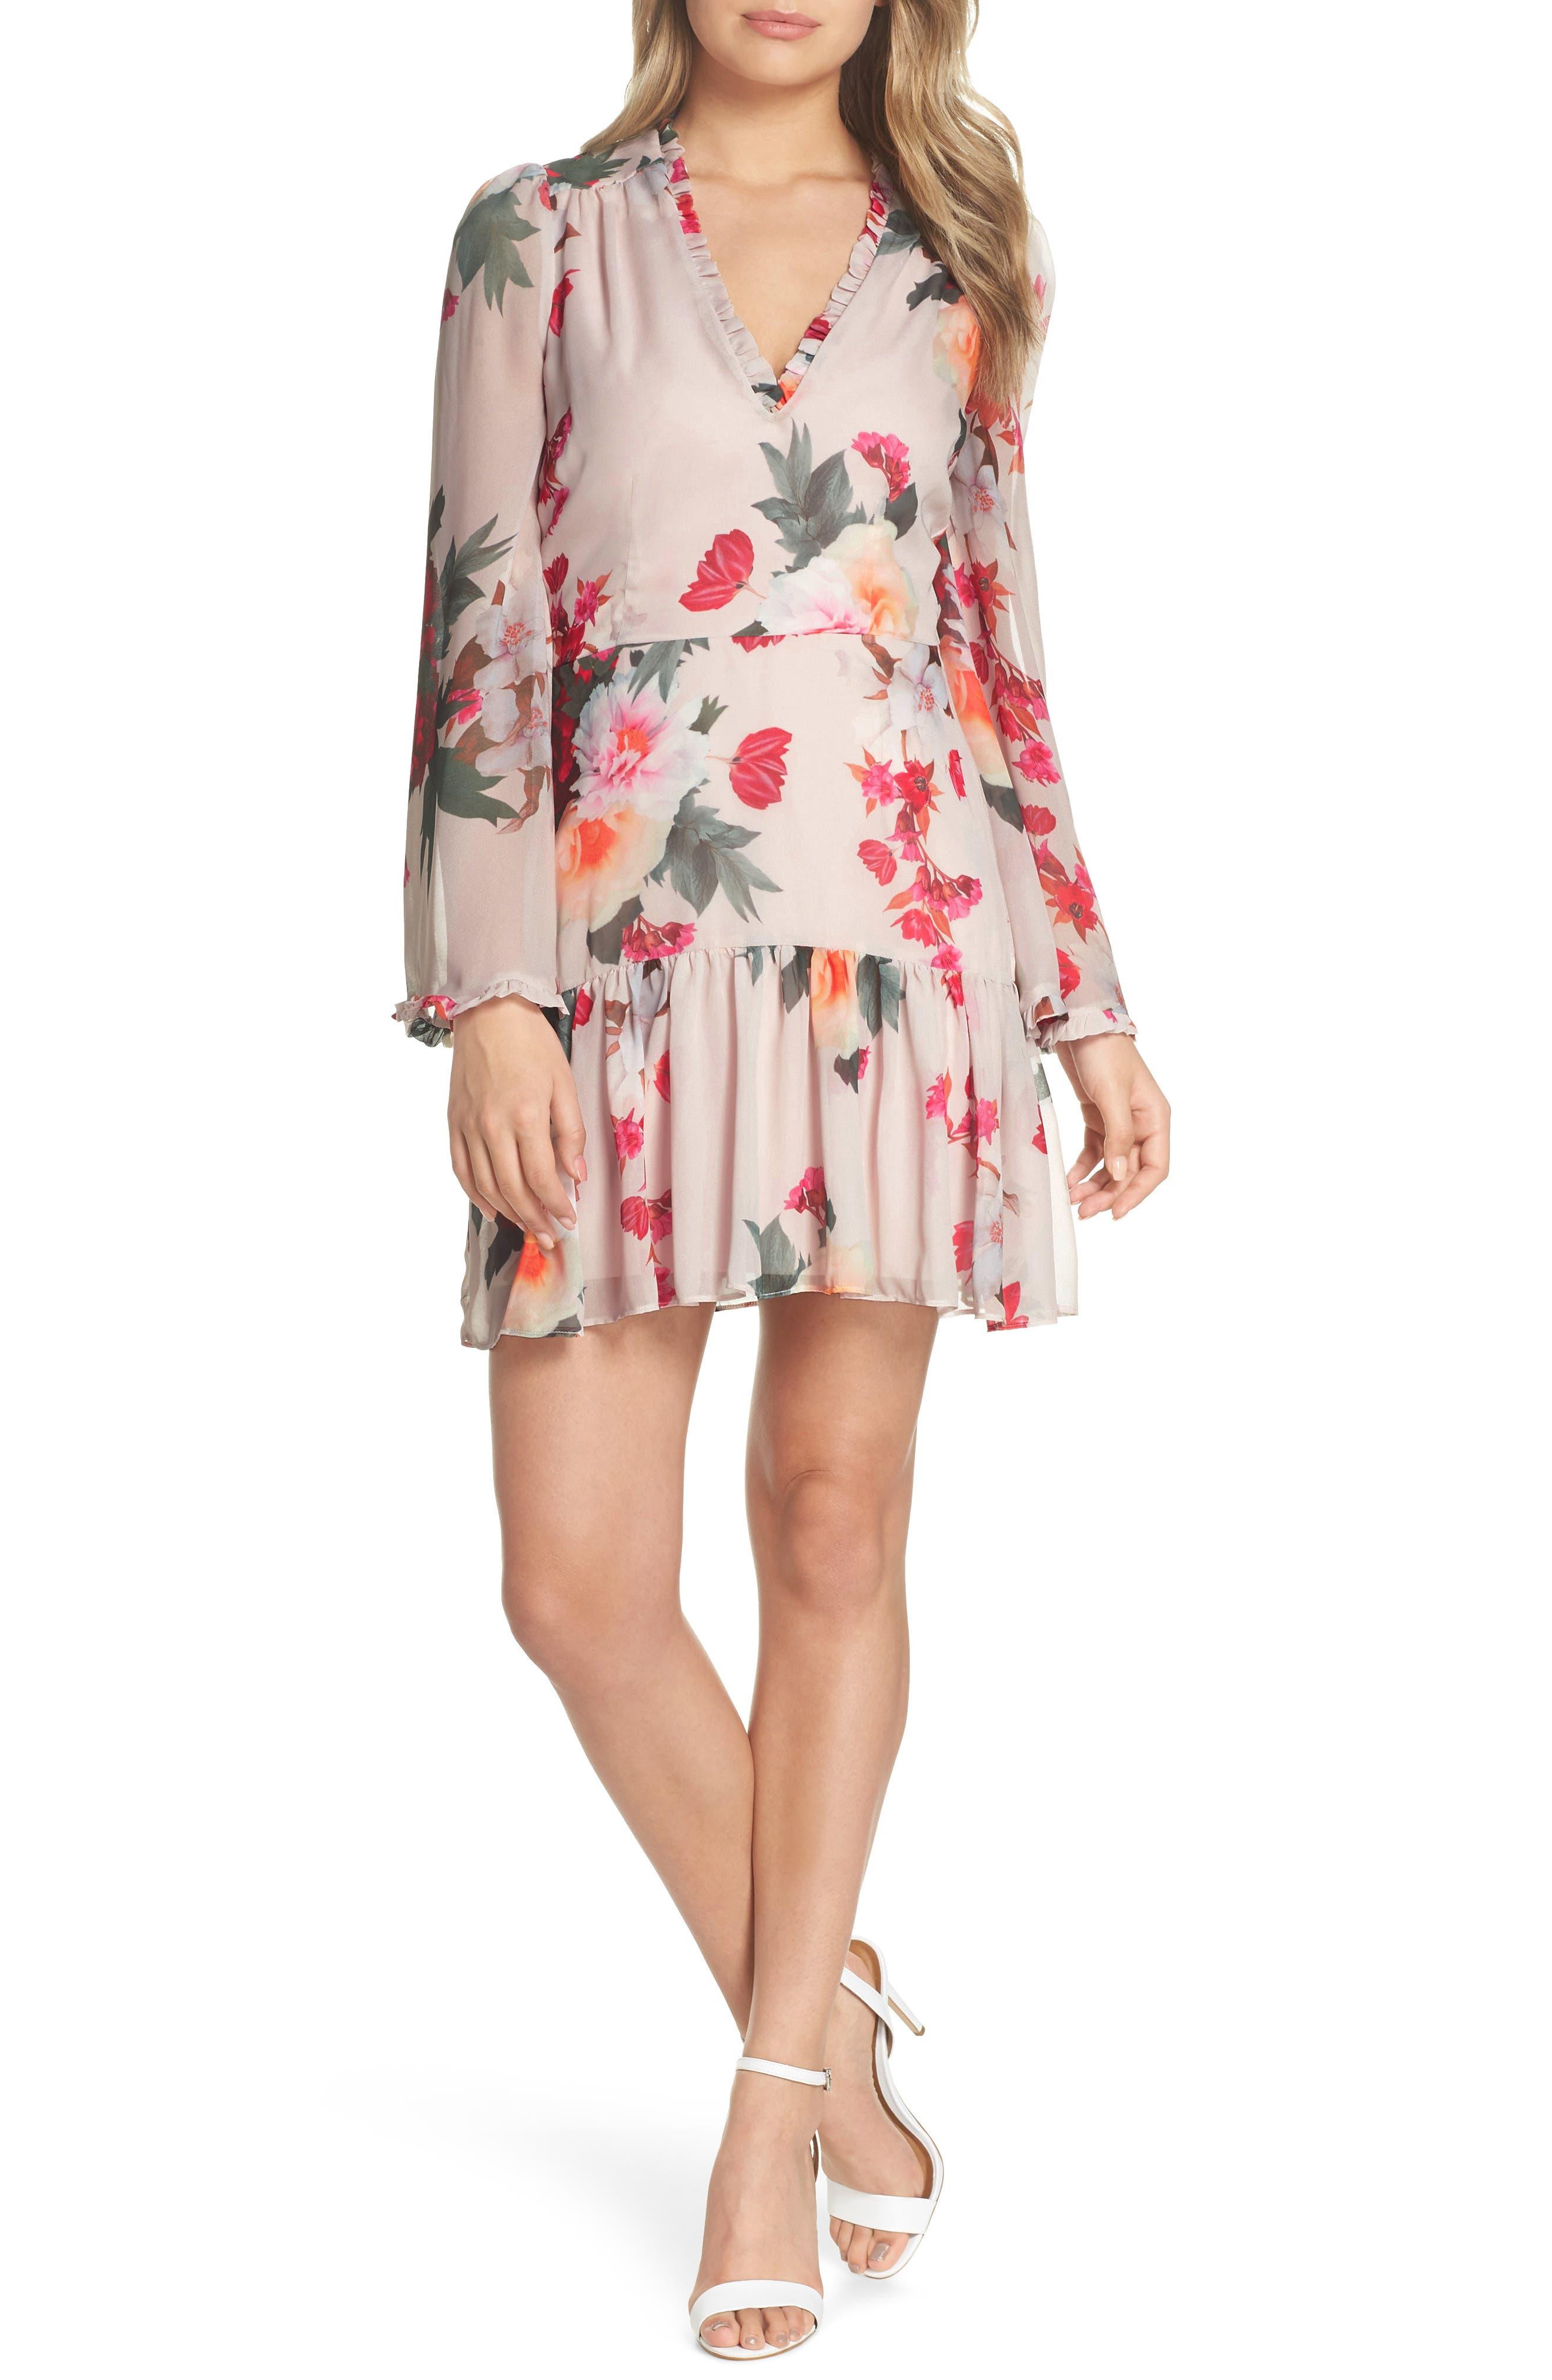 Rosa Floral Chiffon Dress,                             Main thumbnail 1, color,                             266